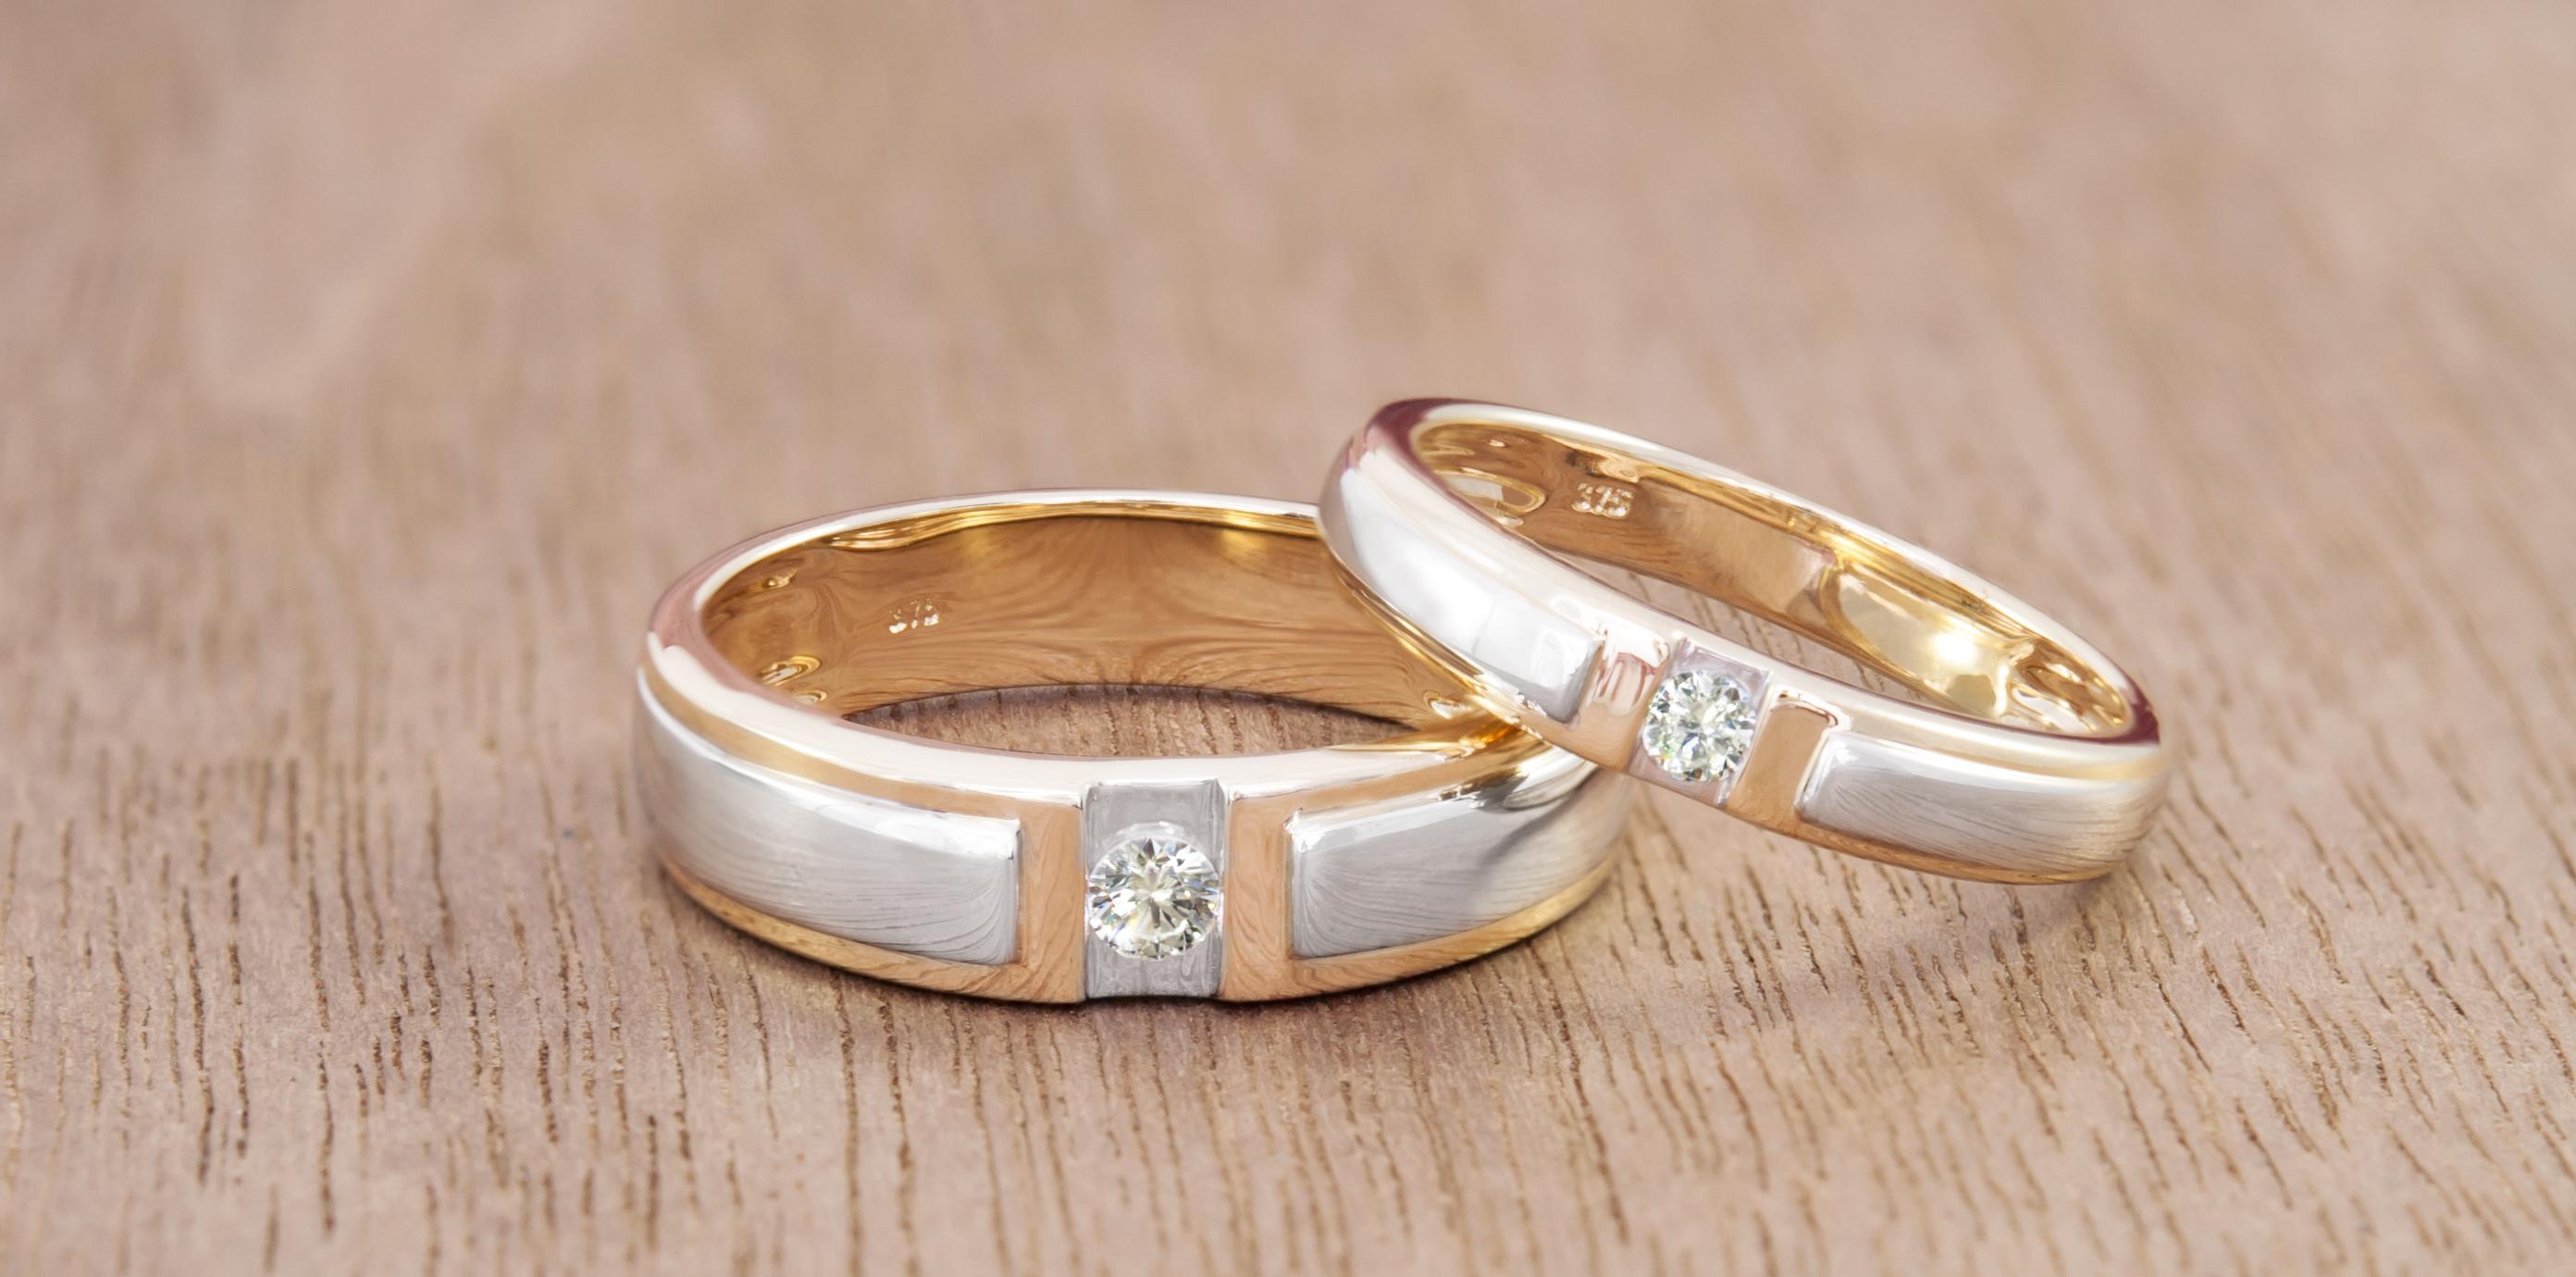 Anillos en oro con diamantes - Juwelo